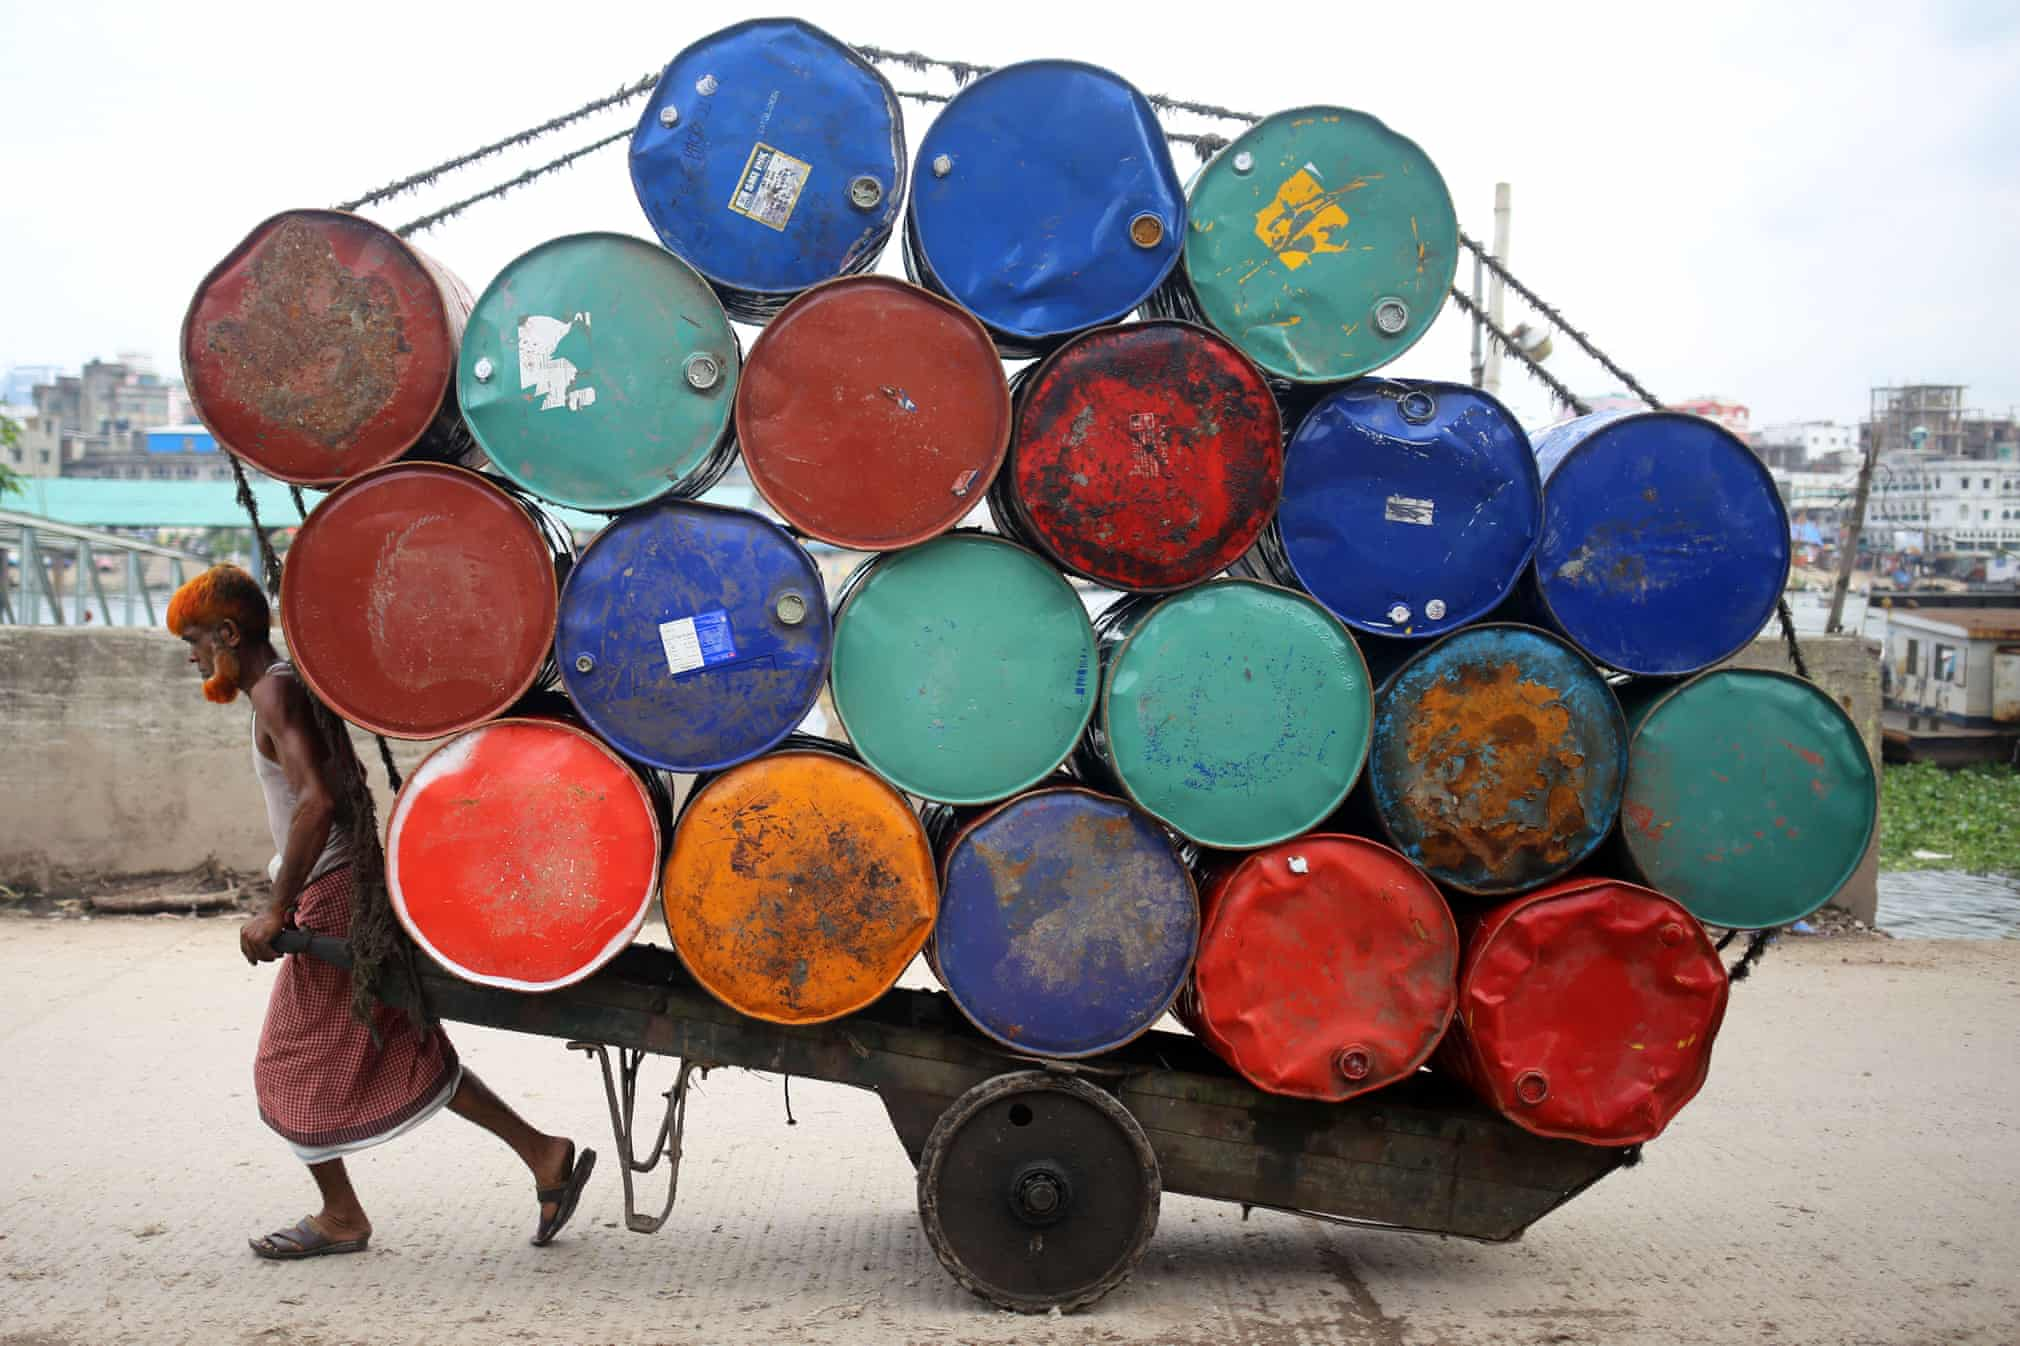 حمل انبوه بشکه های نفت در شهر داکا بنگلادش